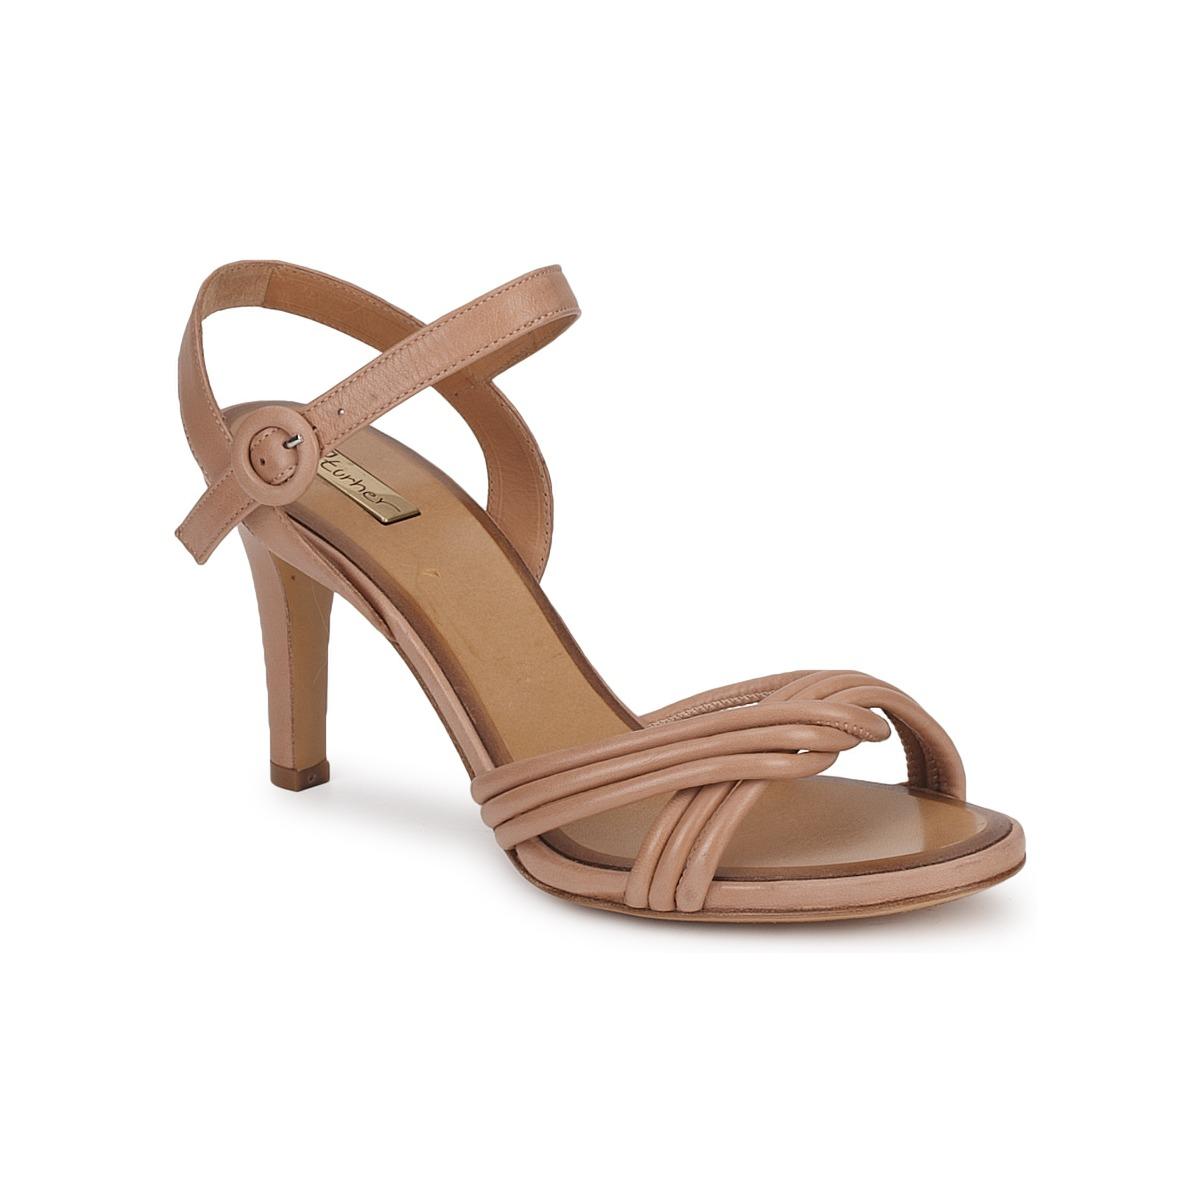 Eva Turner  Braun - Kostenloser Versand bei Spartoode ! - Schuhe Sandalen / Sandaletten Damen 188,50 €